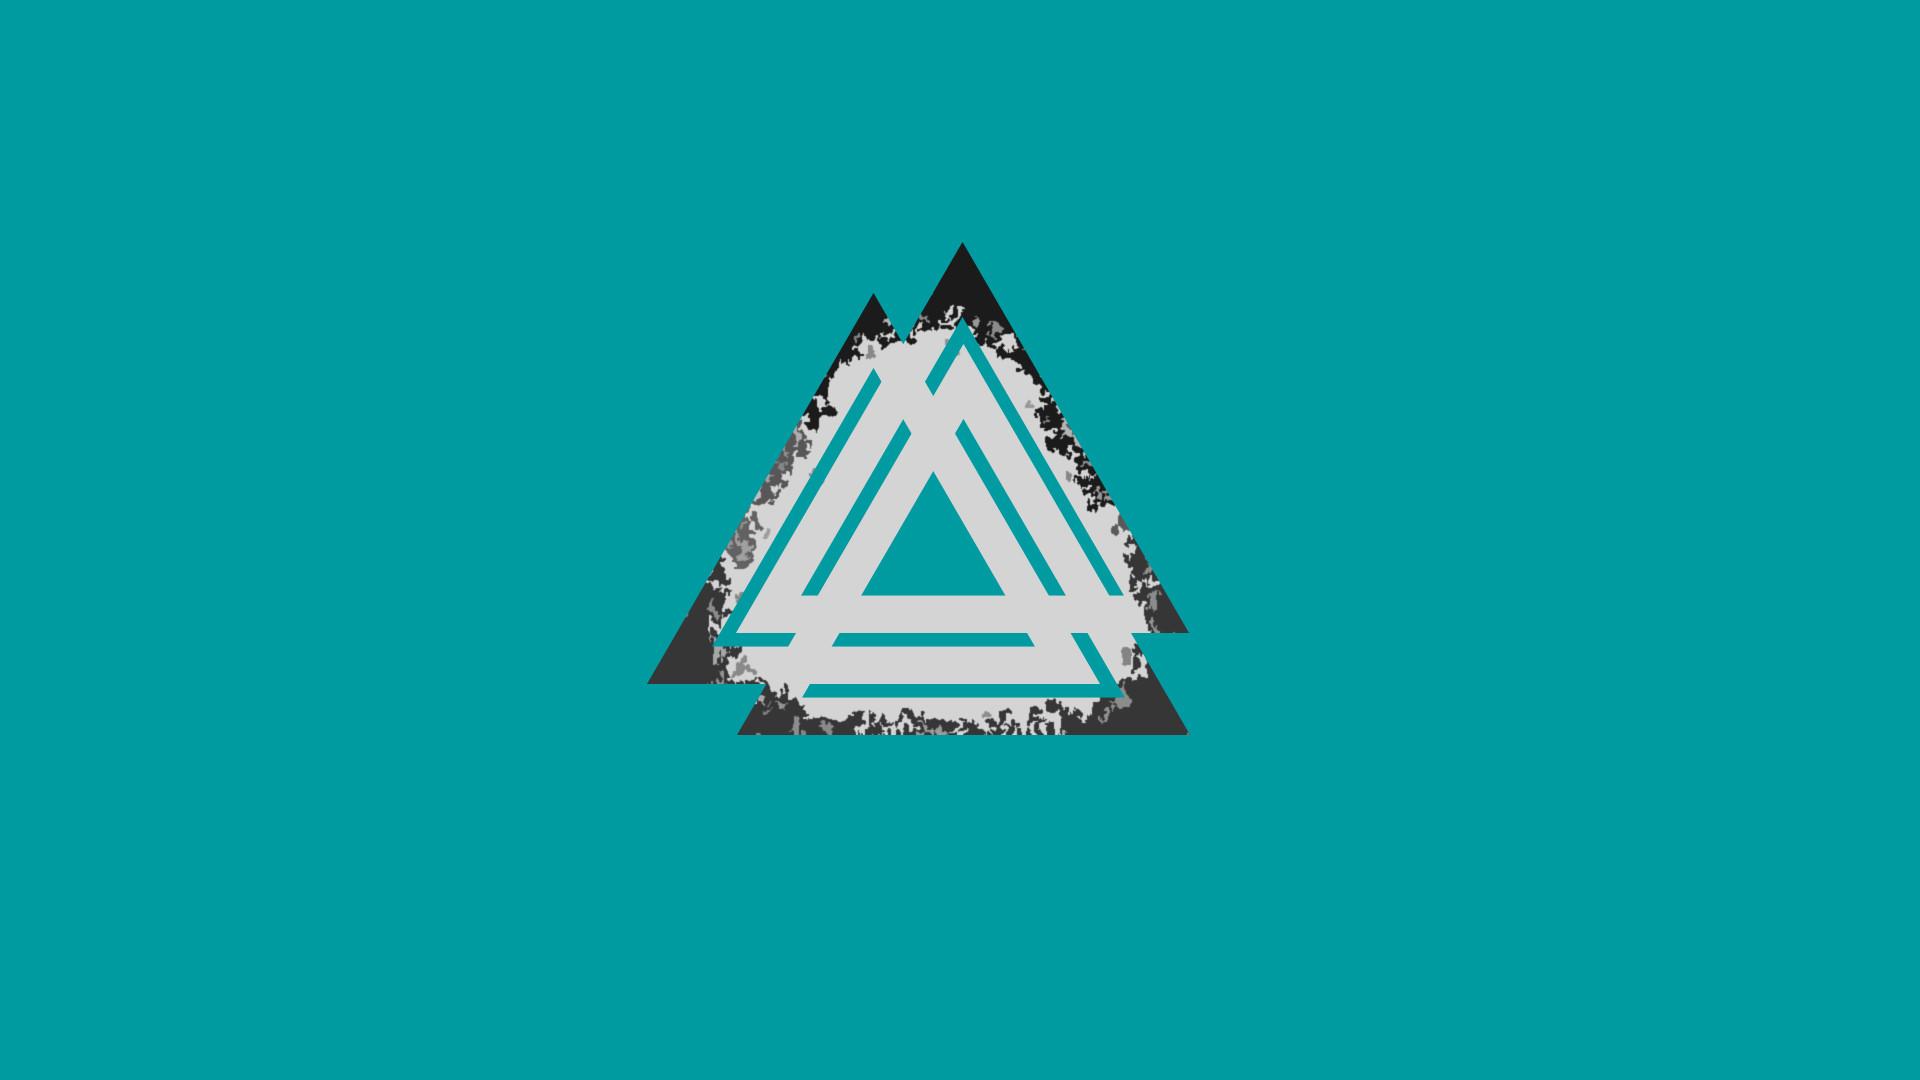 Valknut Alpha Litz 3 Triangle Viking